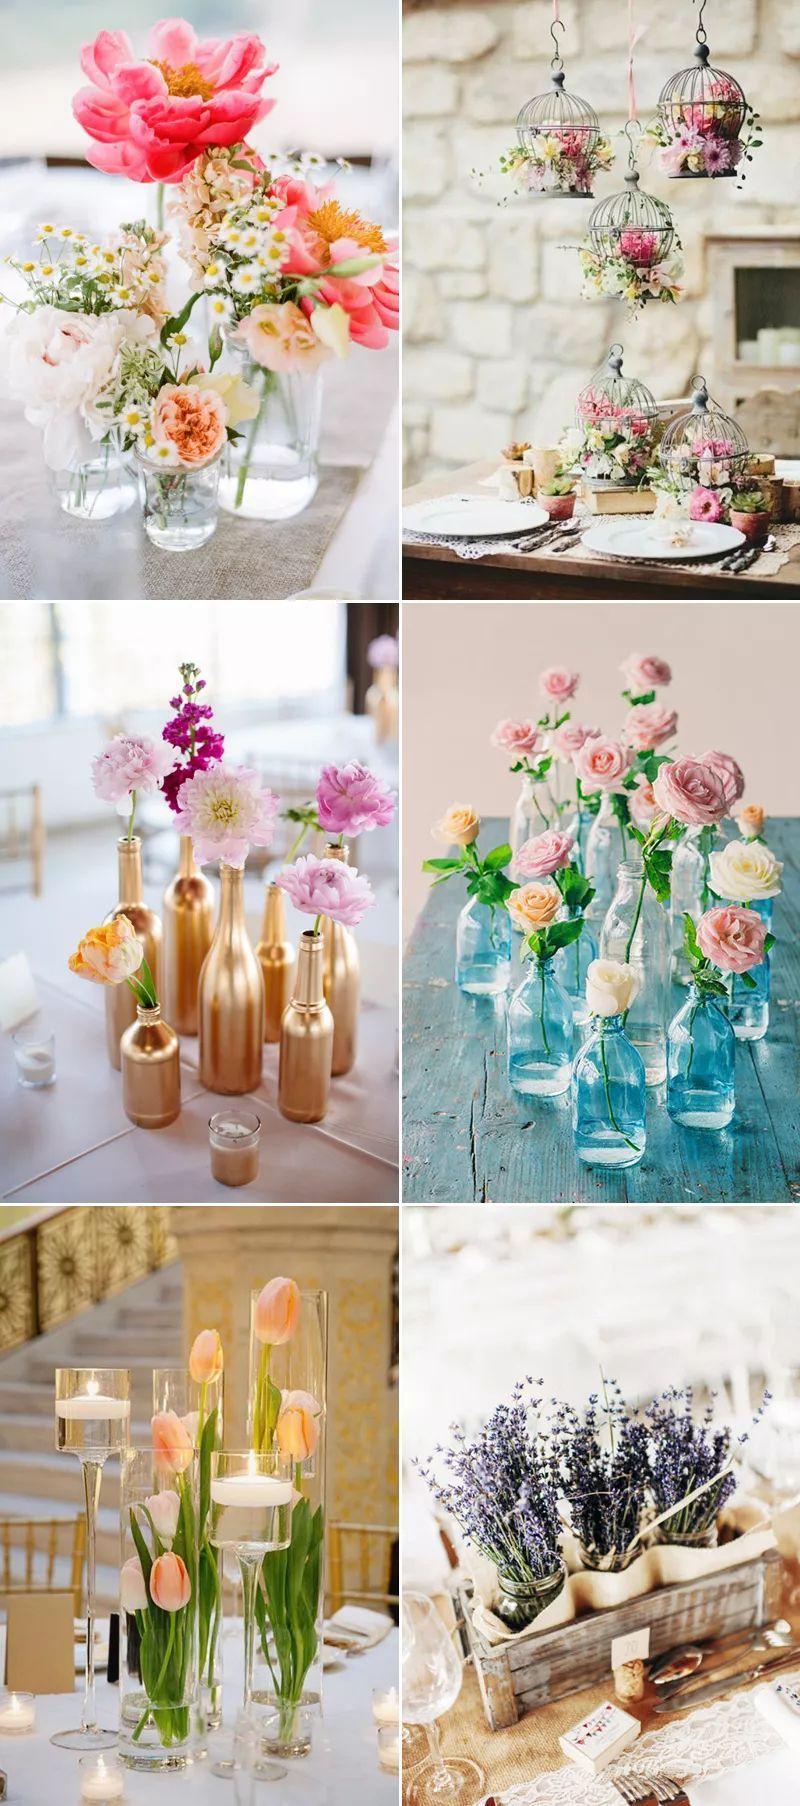 33種節省開銷的創意時尚桌花 打造夢幻婚禮